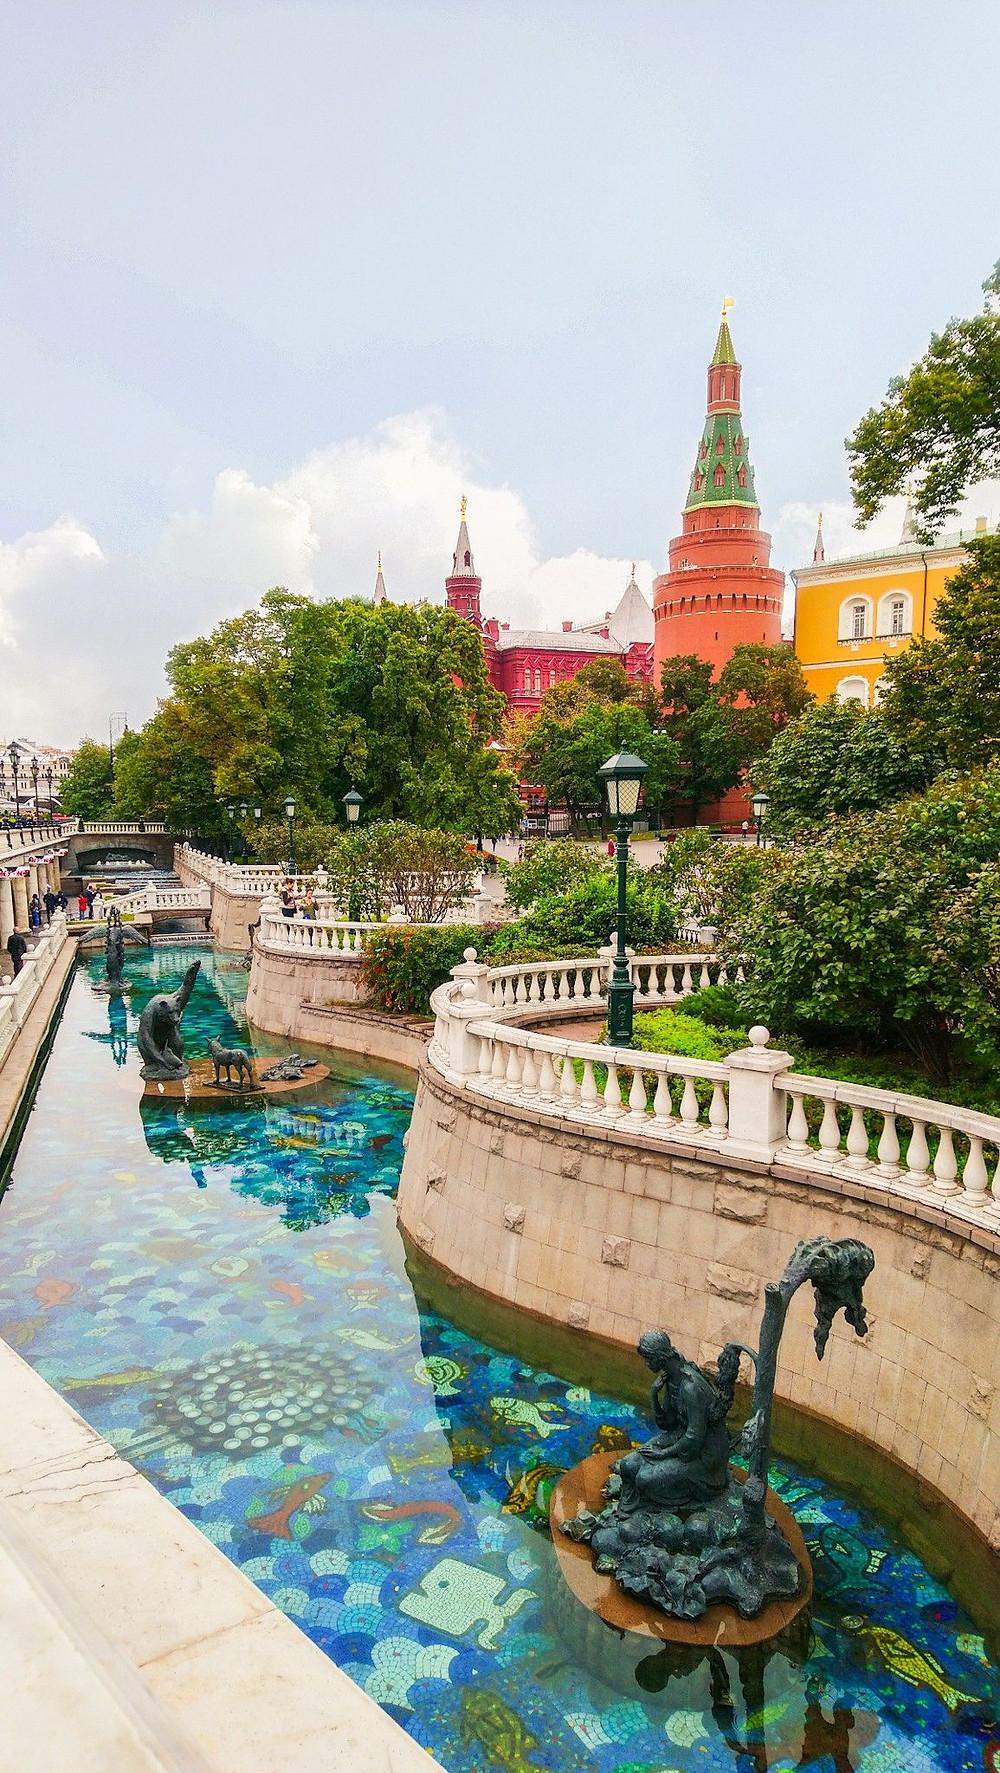 الطبيعة في الوسط من مدينة موسكو